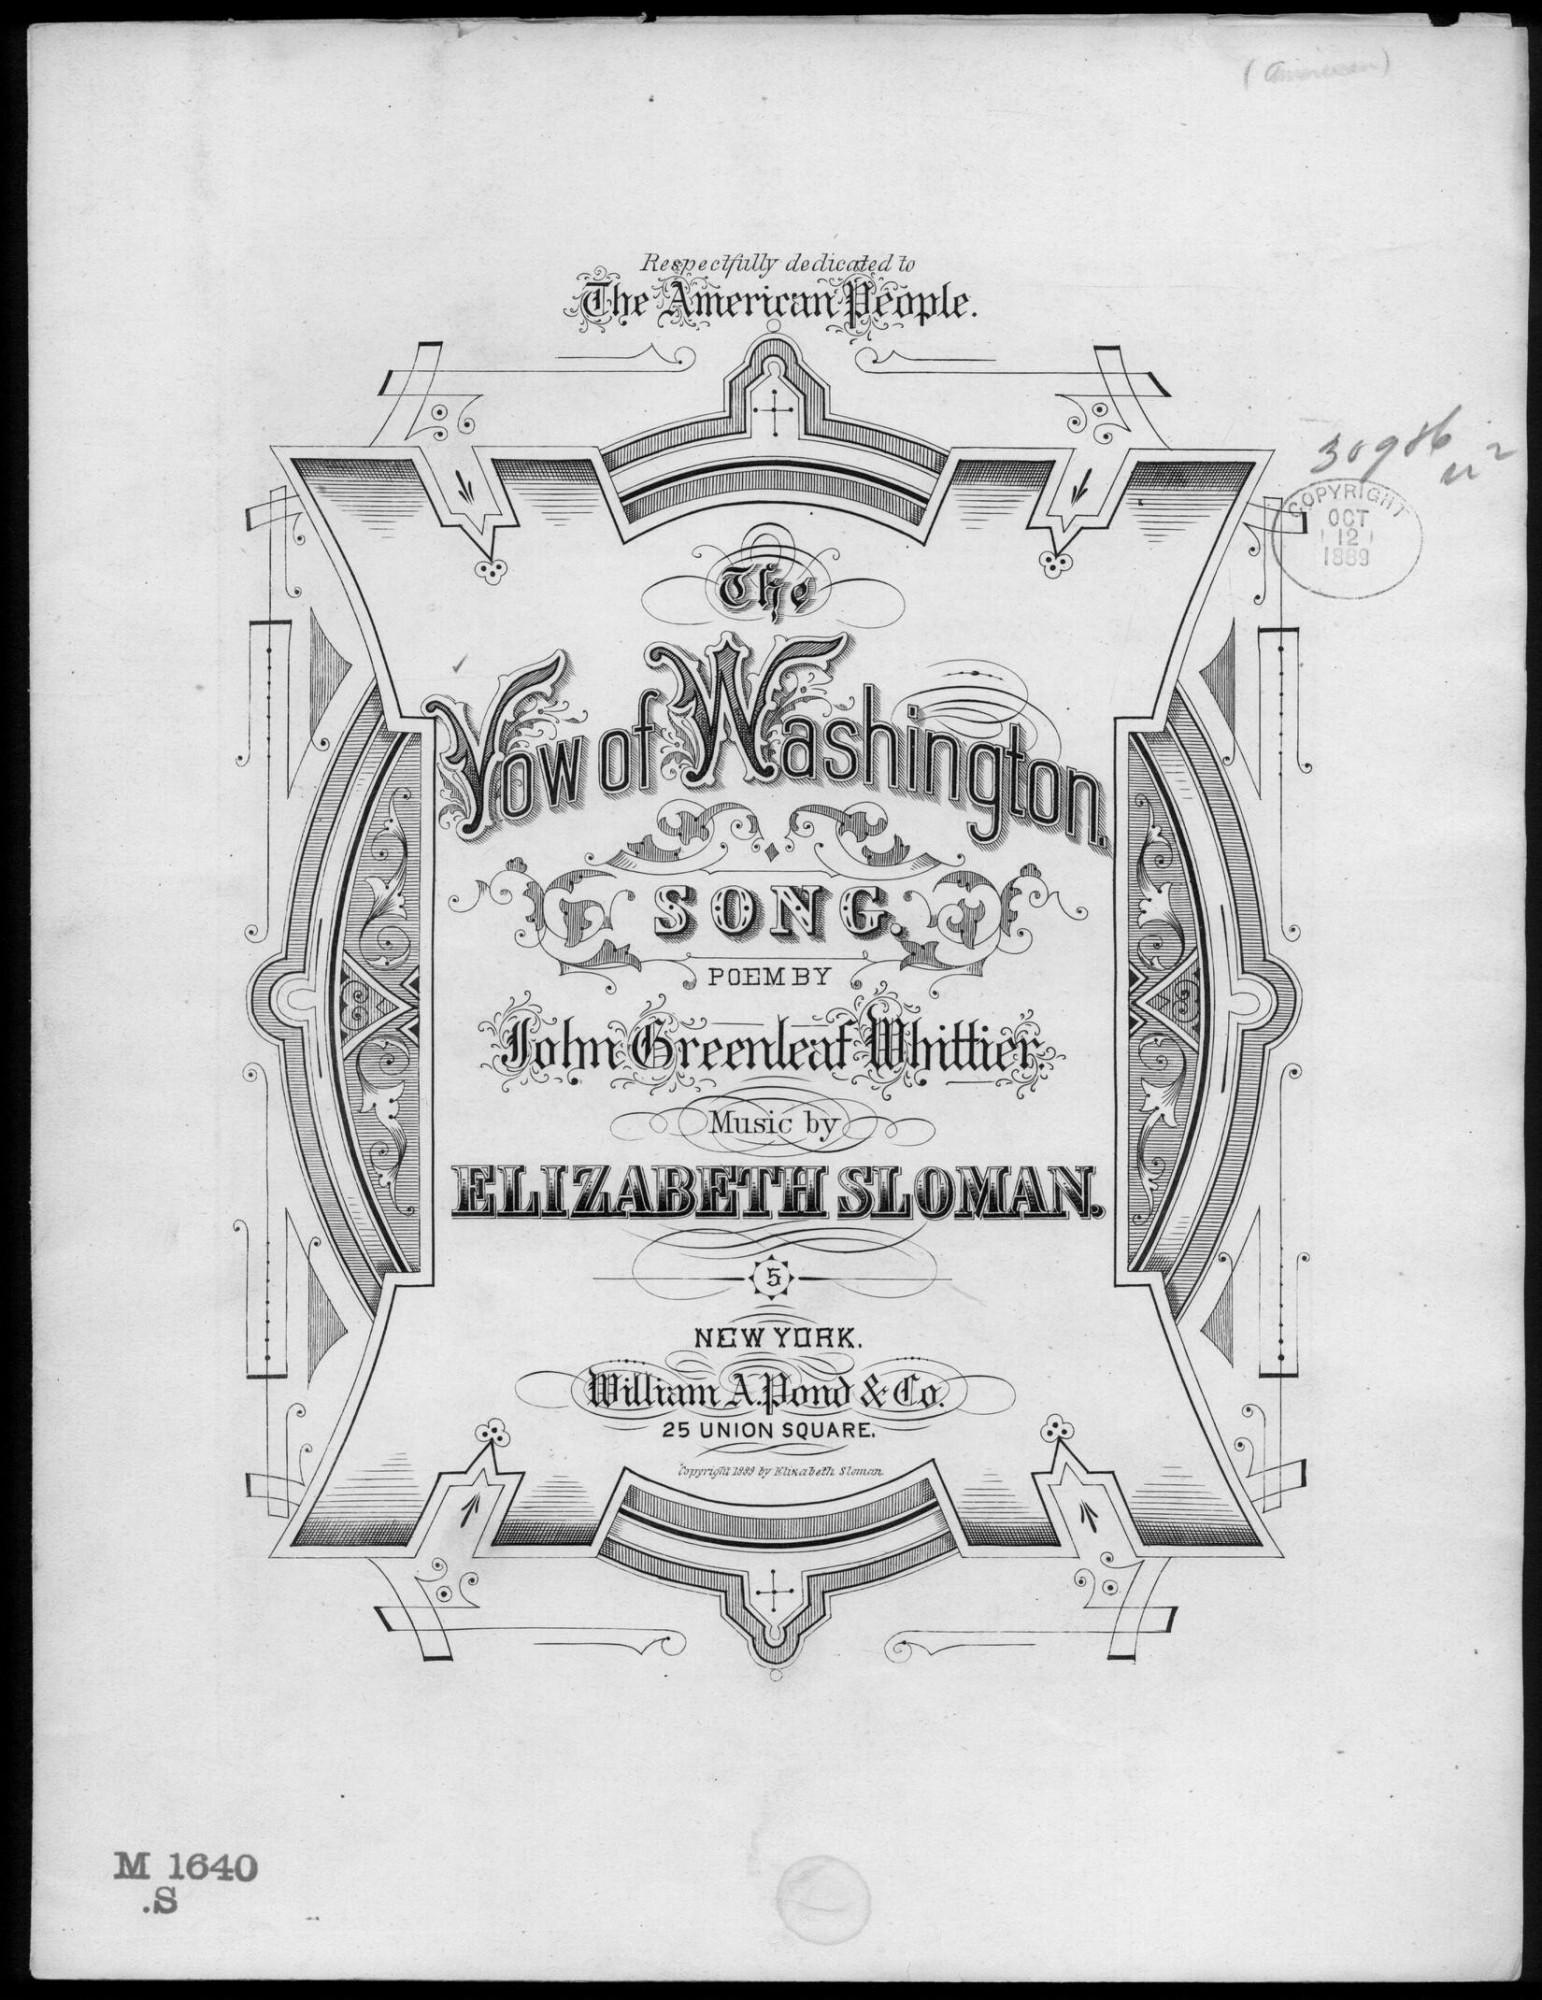 The Vow of Washington · George Washington's Mount Vernon